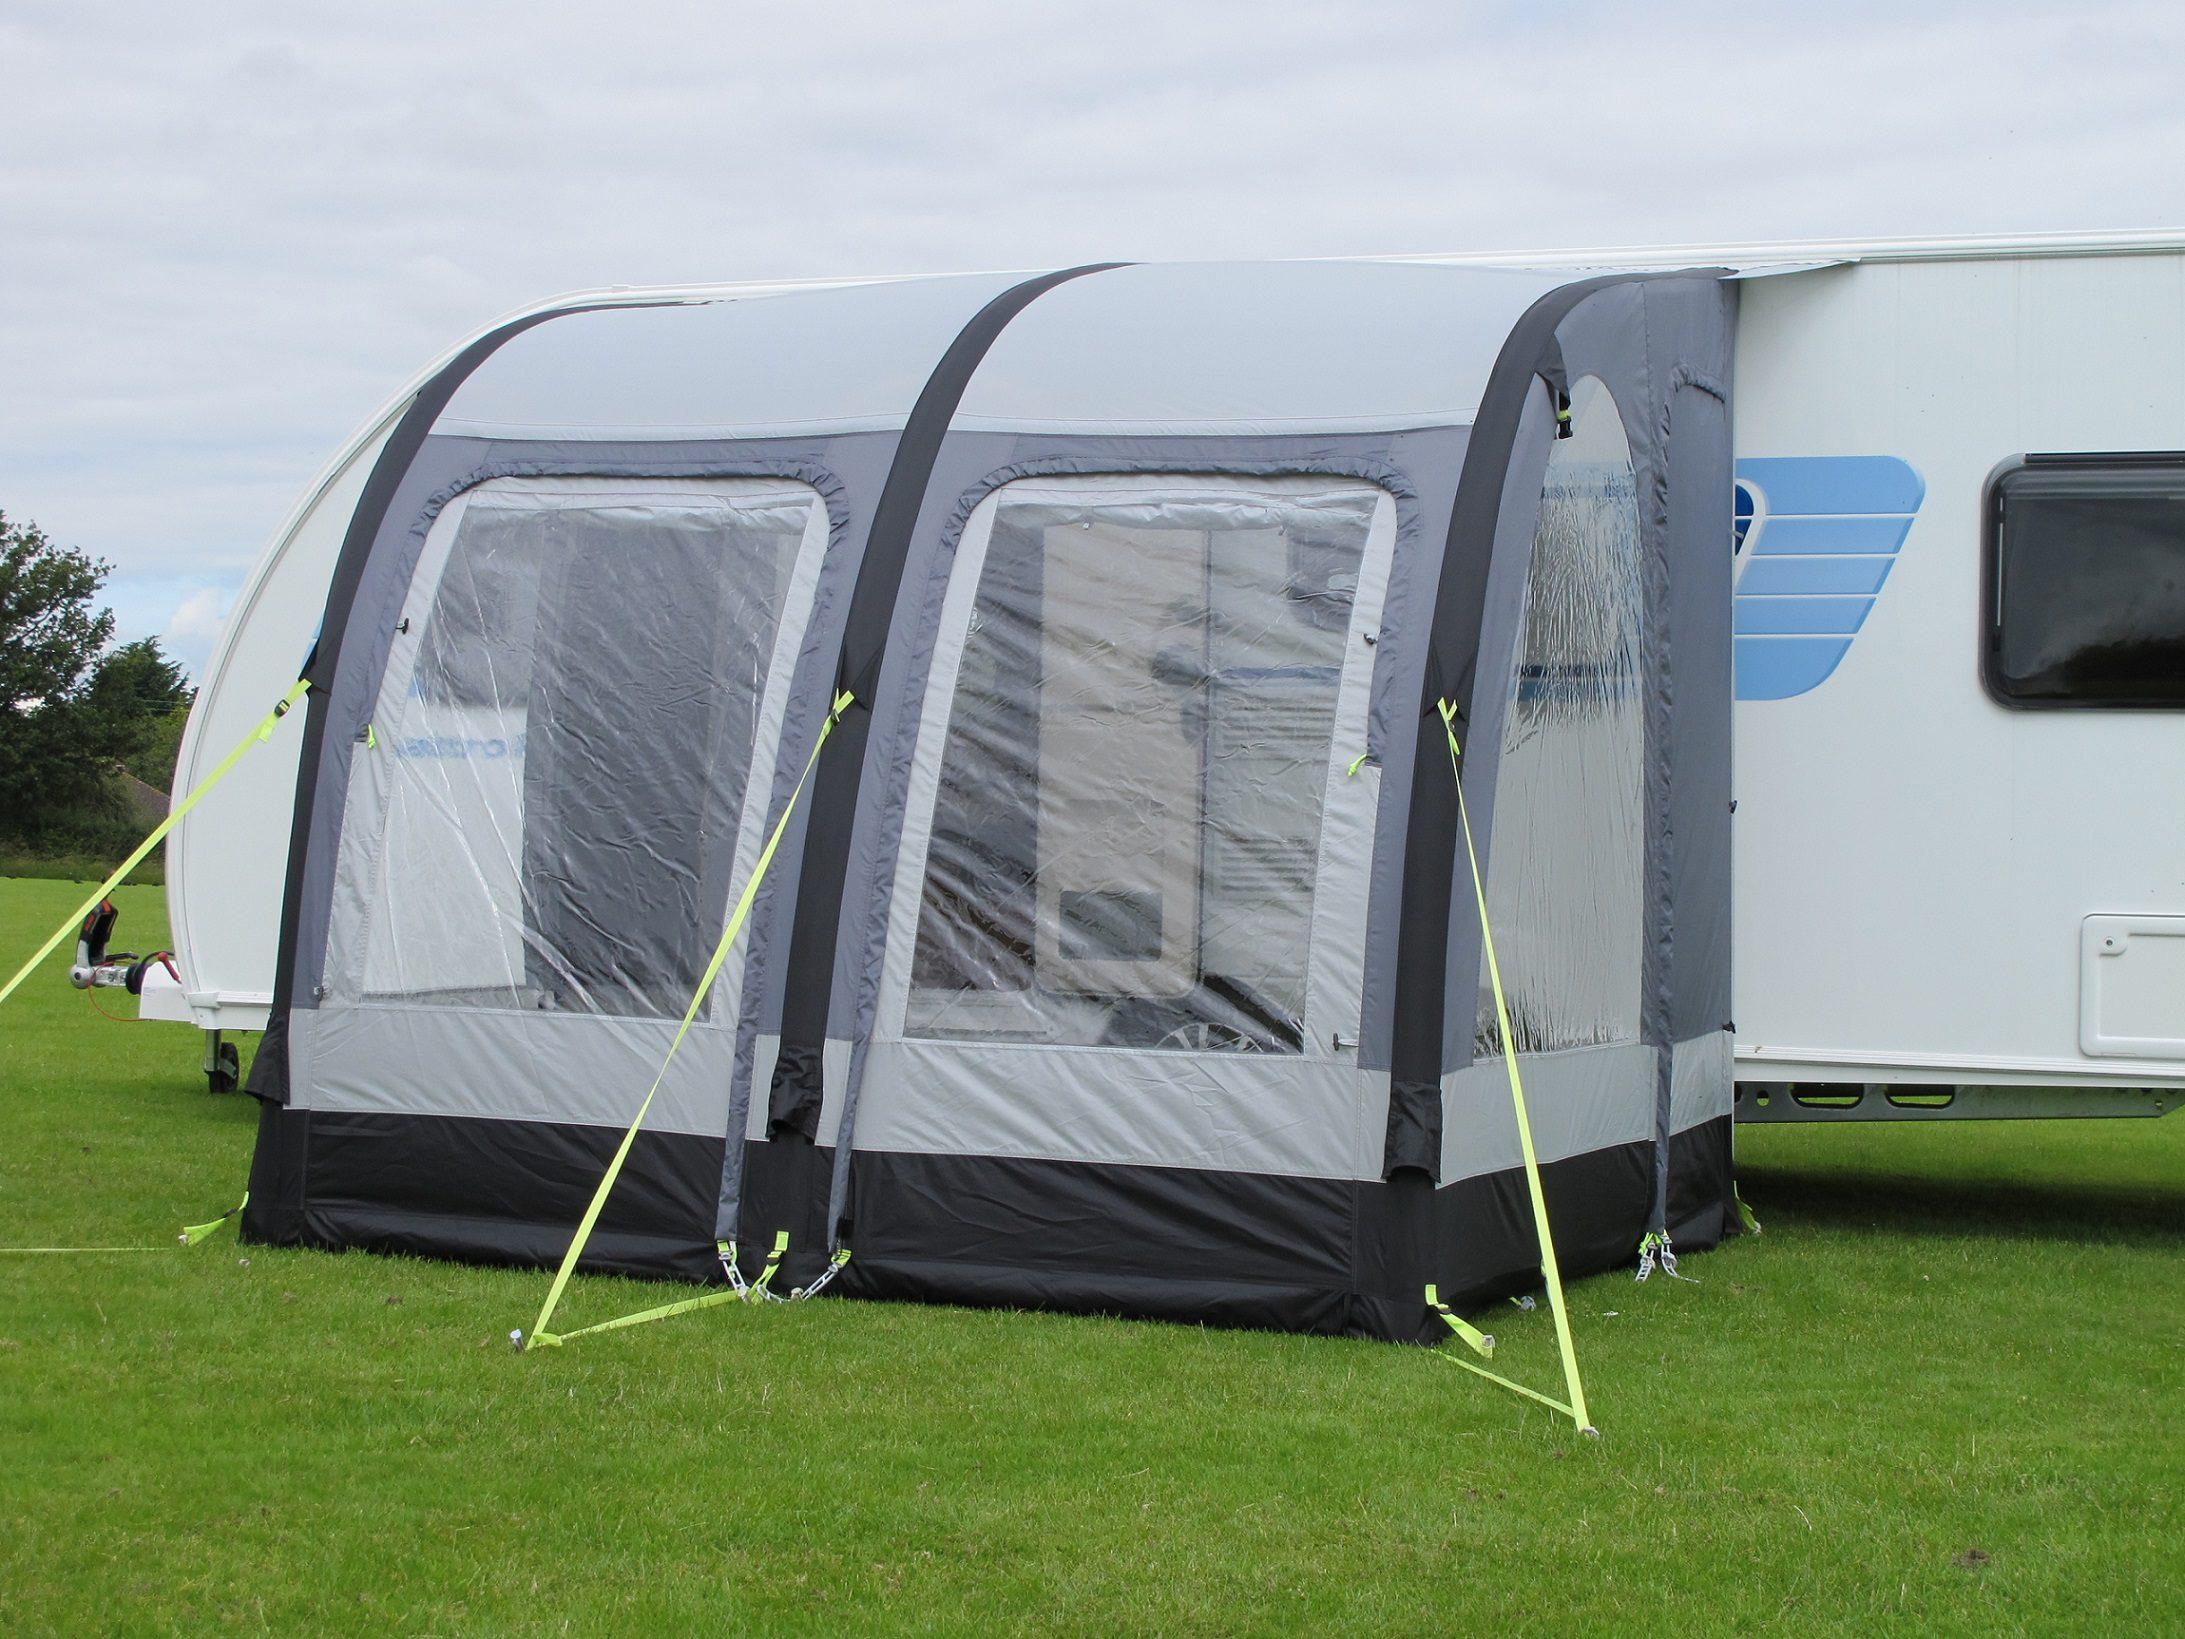 Air Porch Awning 28 Images Sunnc Curve Air 390 Inflatable Caravan Porch Awning Ka Ace Air